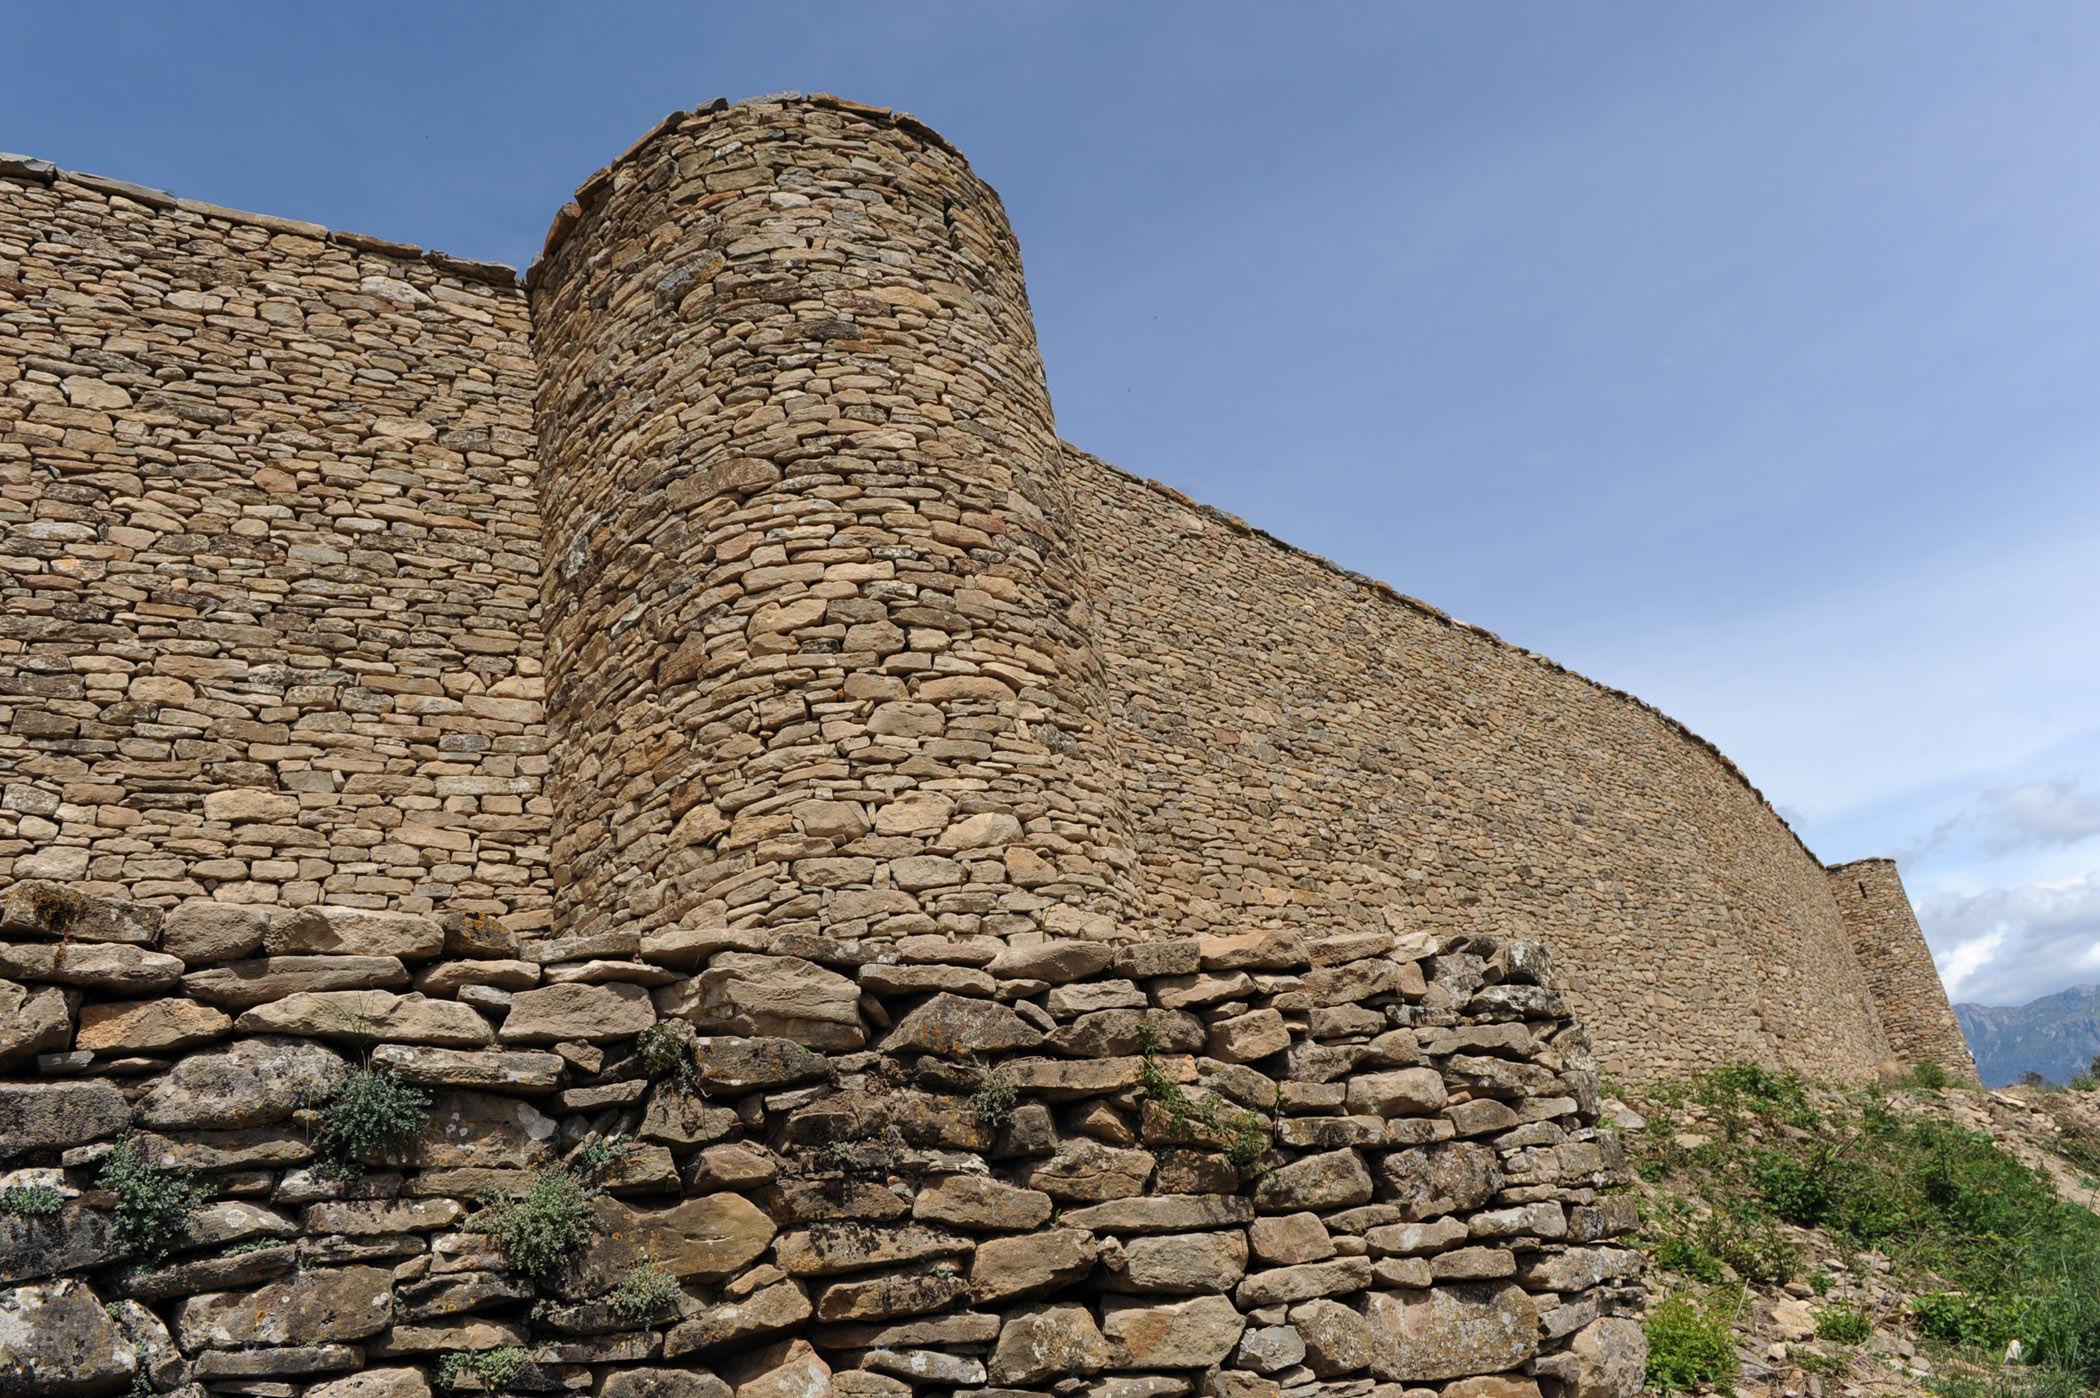 El campo de prácticas está dividido en dos zonas, una dentro del muro que protege la ciudad y otra fuera, pero está asegurada